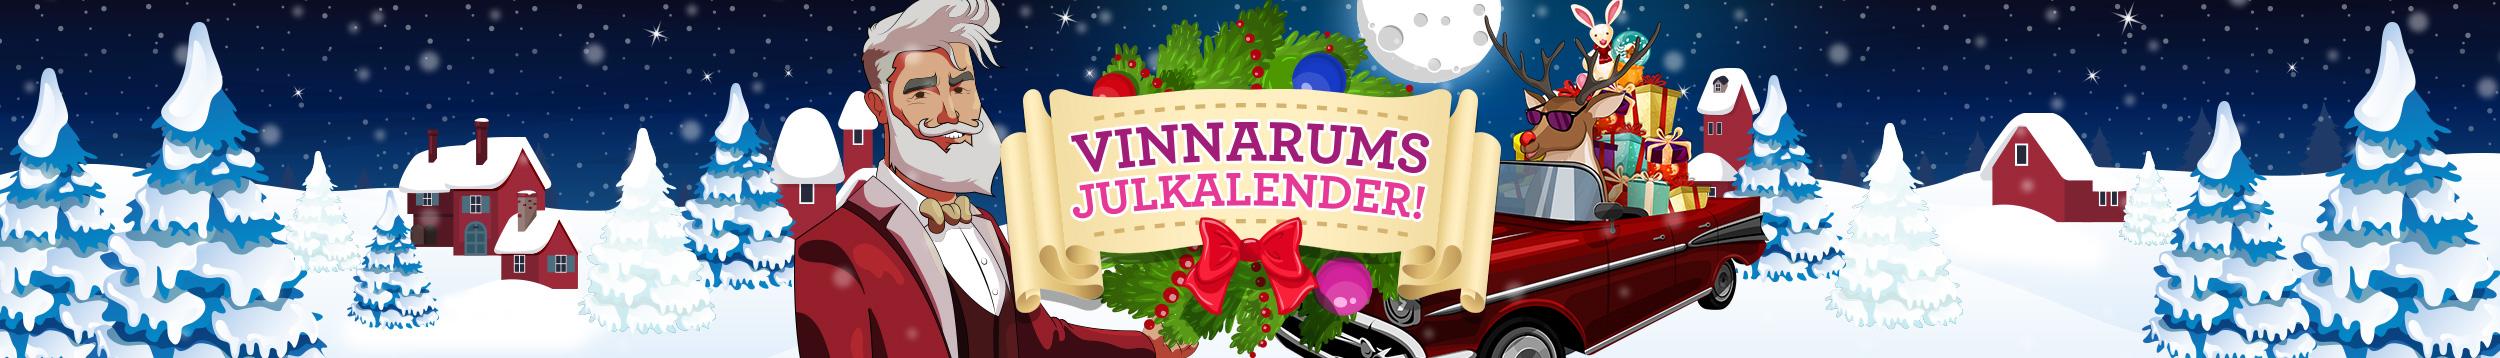 God jul önskar Vinnarum